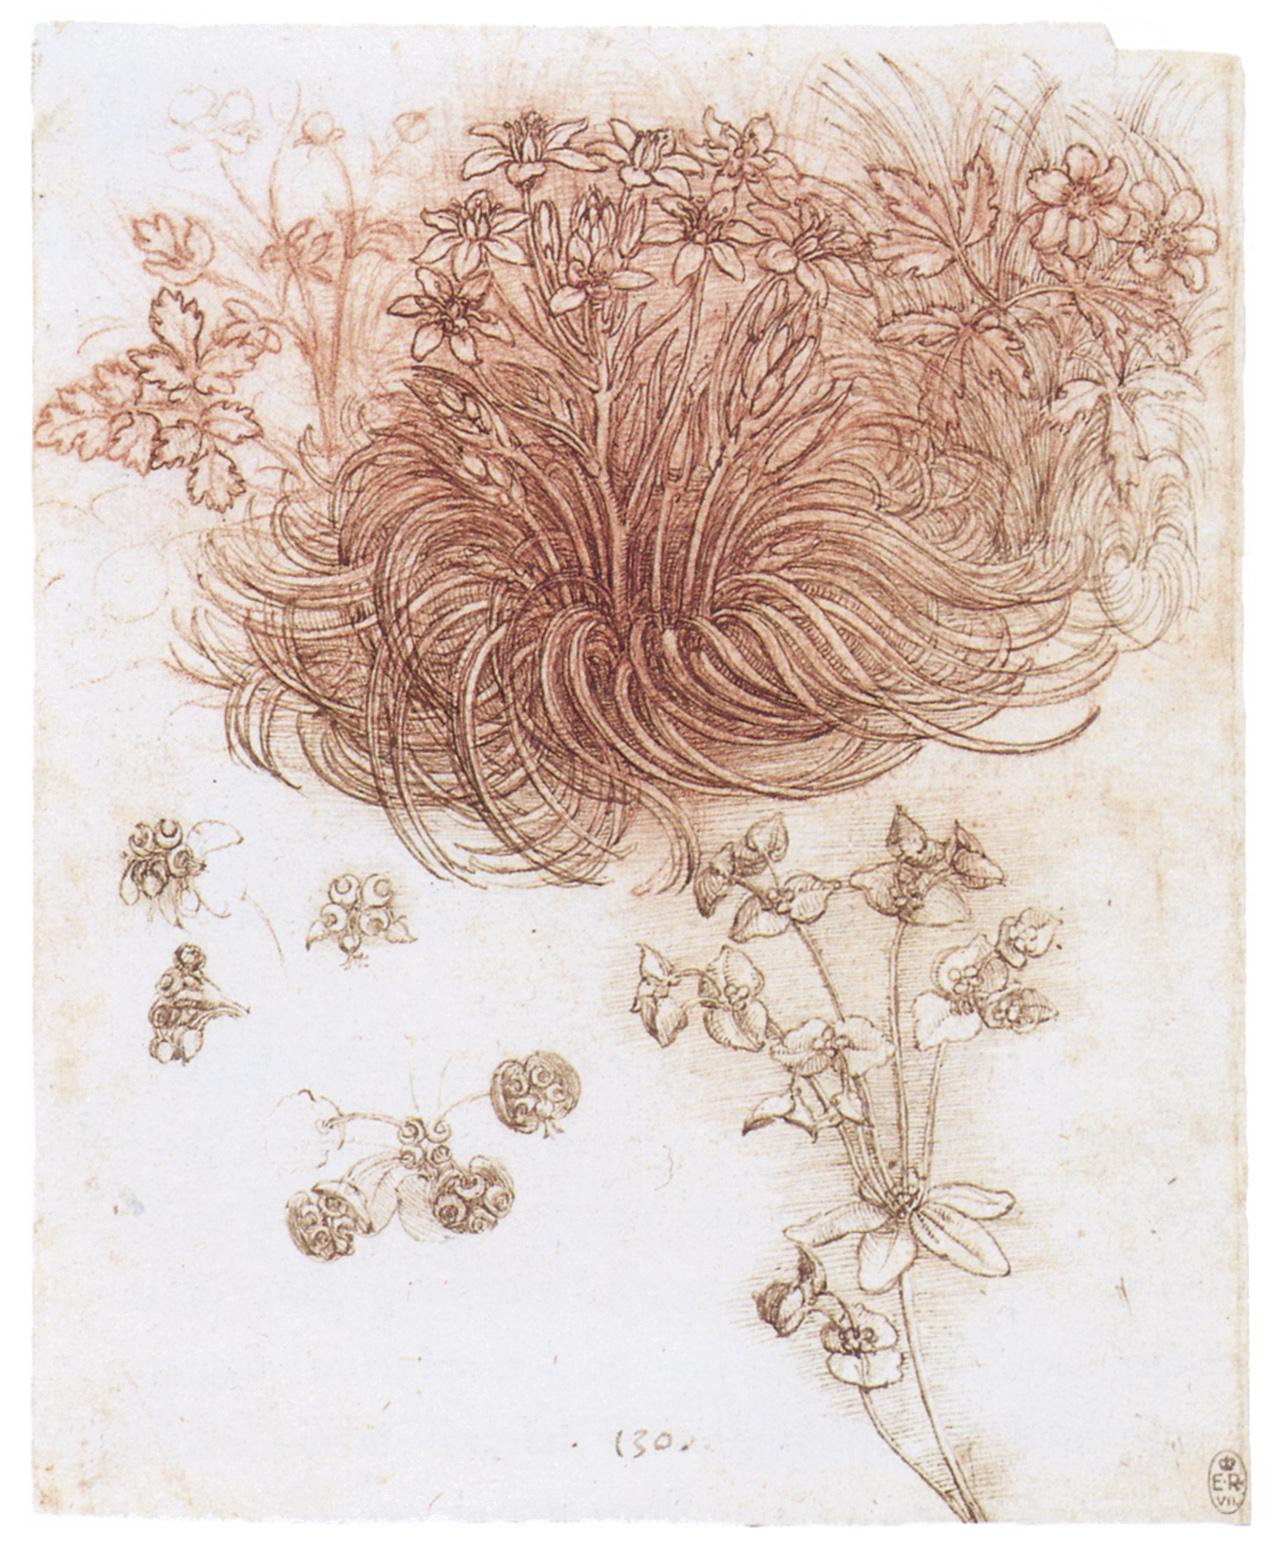 Леонардо да винчи цветы, цветов